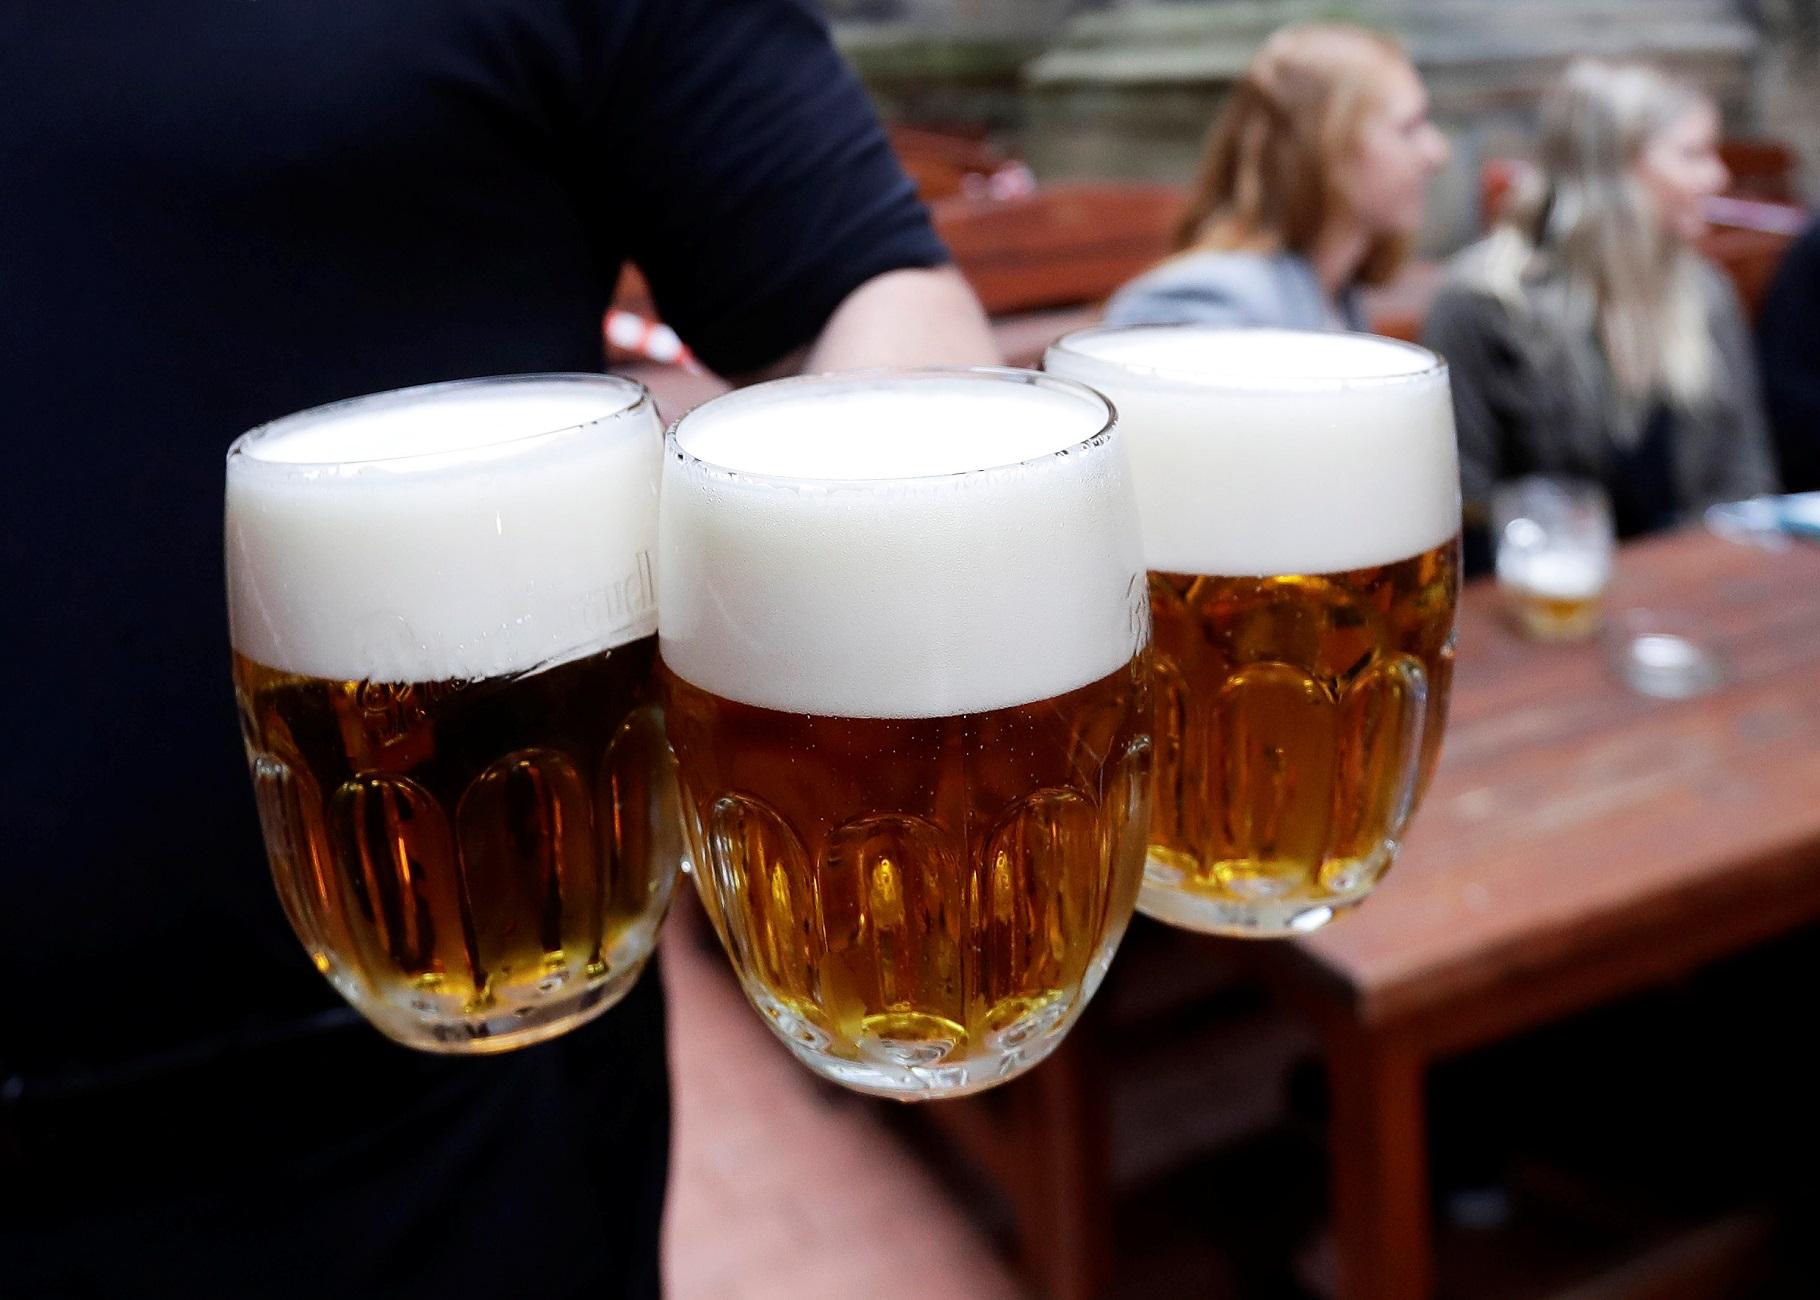 Βεργίνα vs Heineken: Η «μάχη» της μπύρας… συνεχίζεται στο Ολλανδικό δικαστήριο – Πώς ξέσπασε η κόντρα